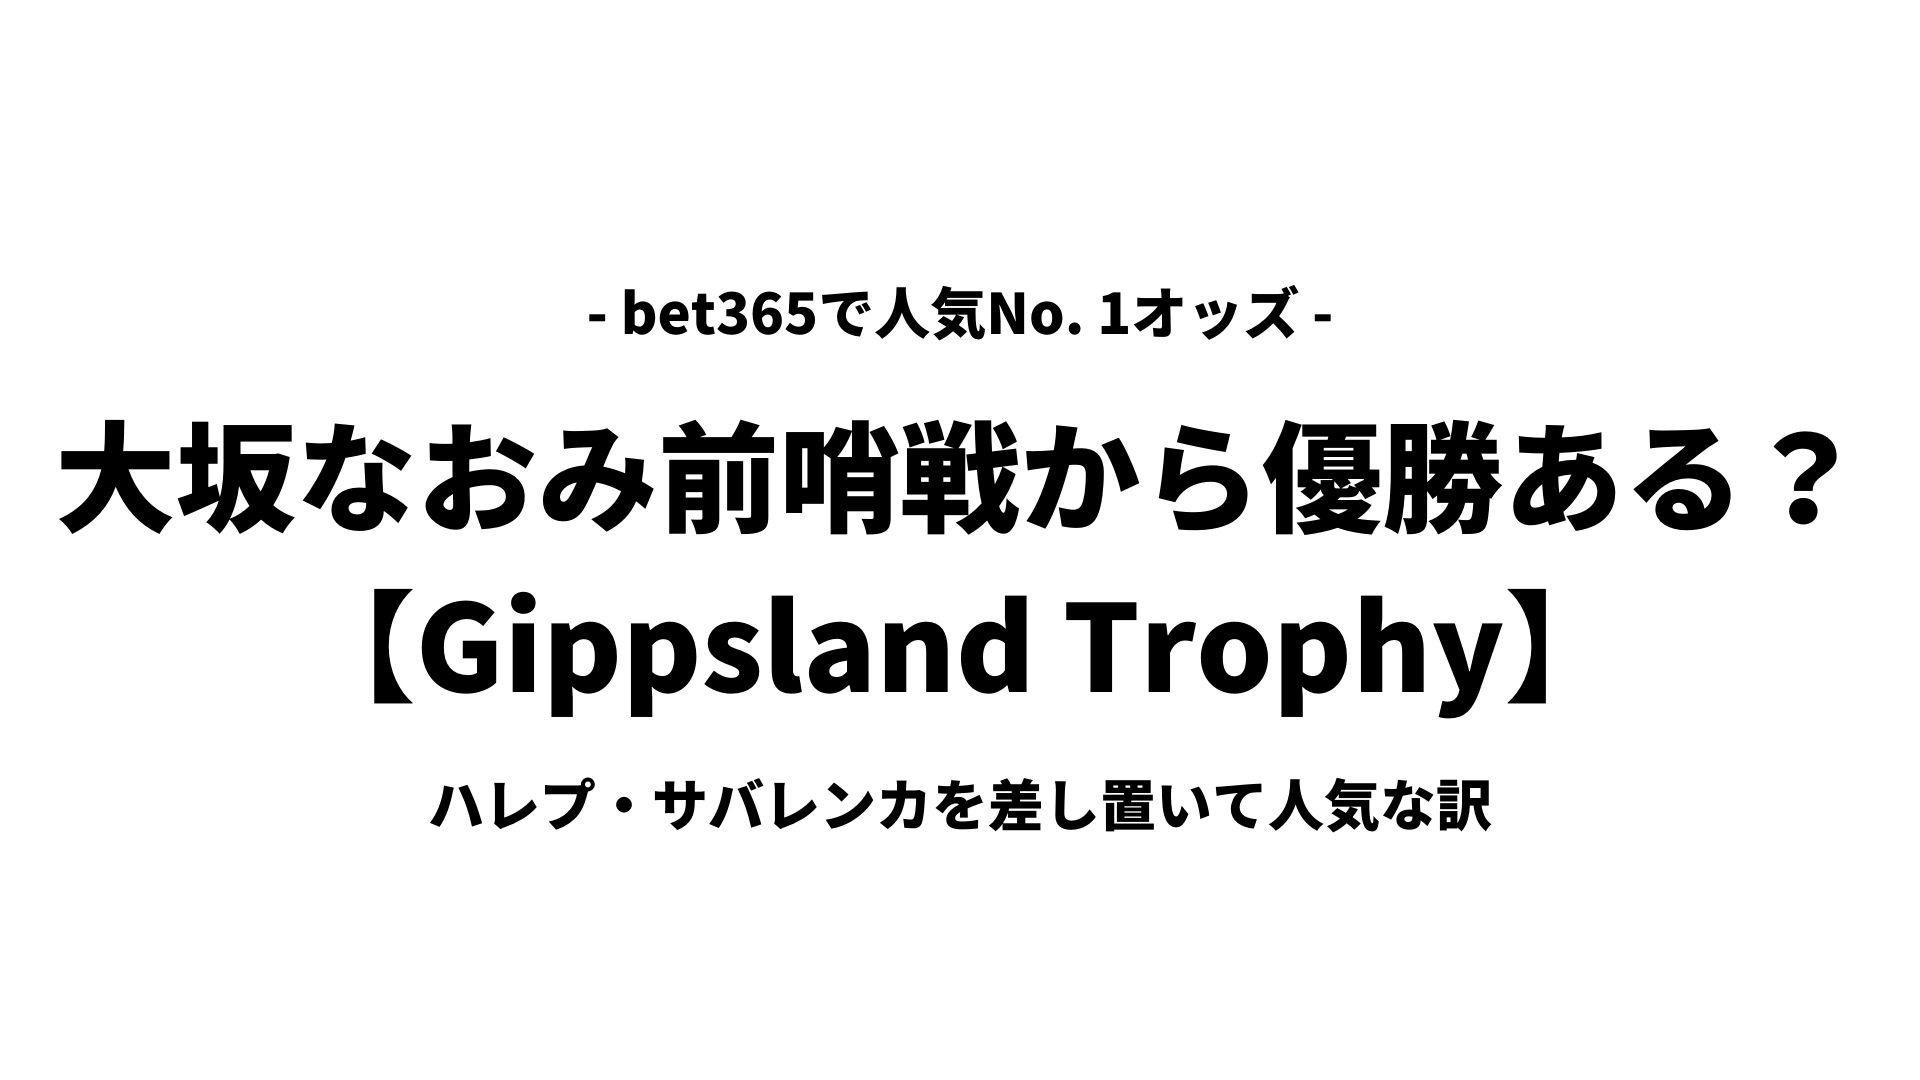 大坂なおみGippsland Trophy